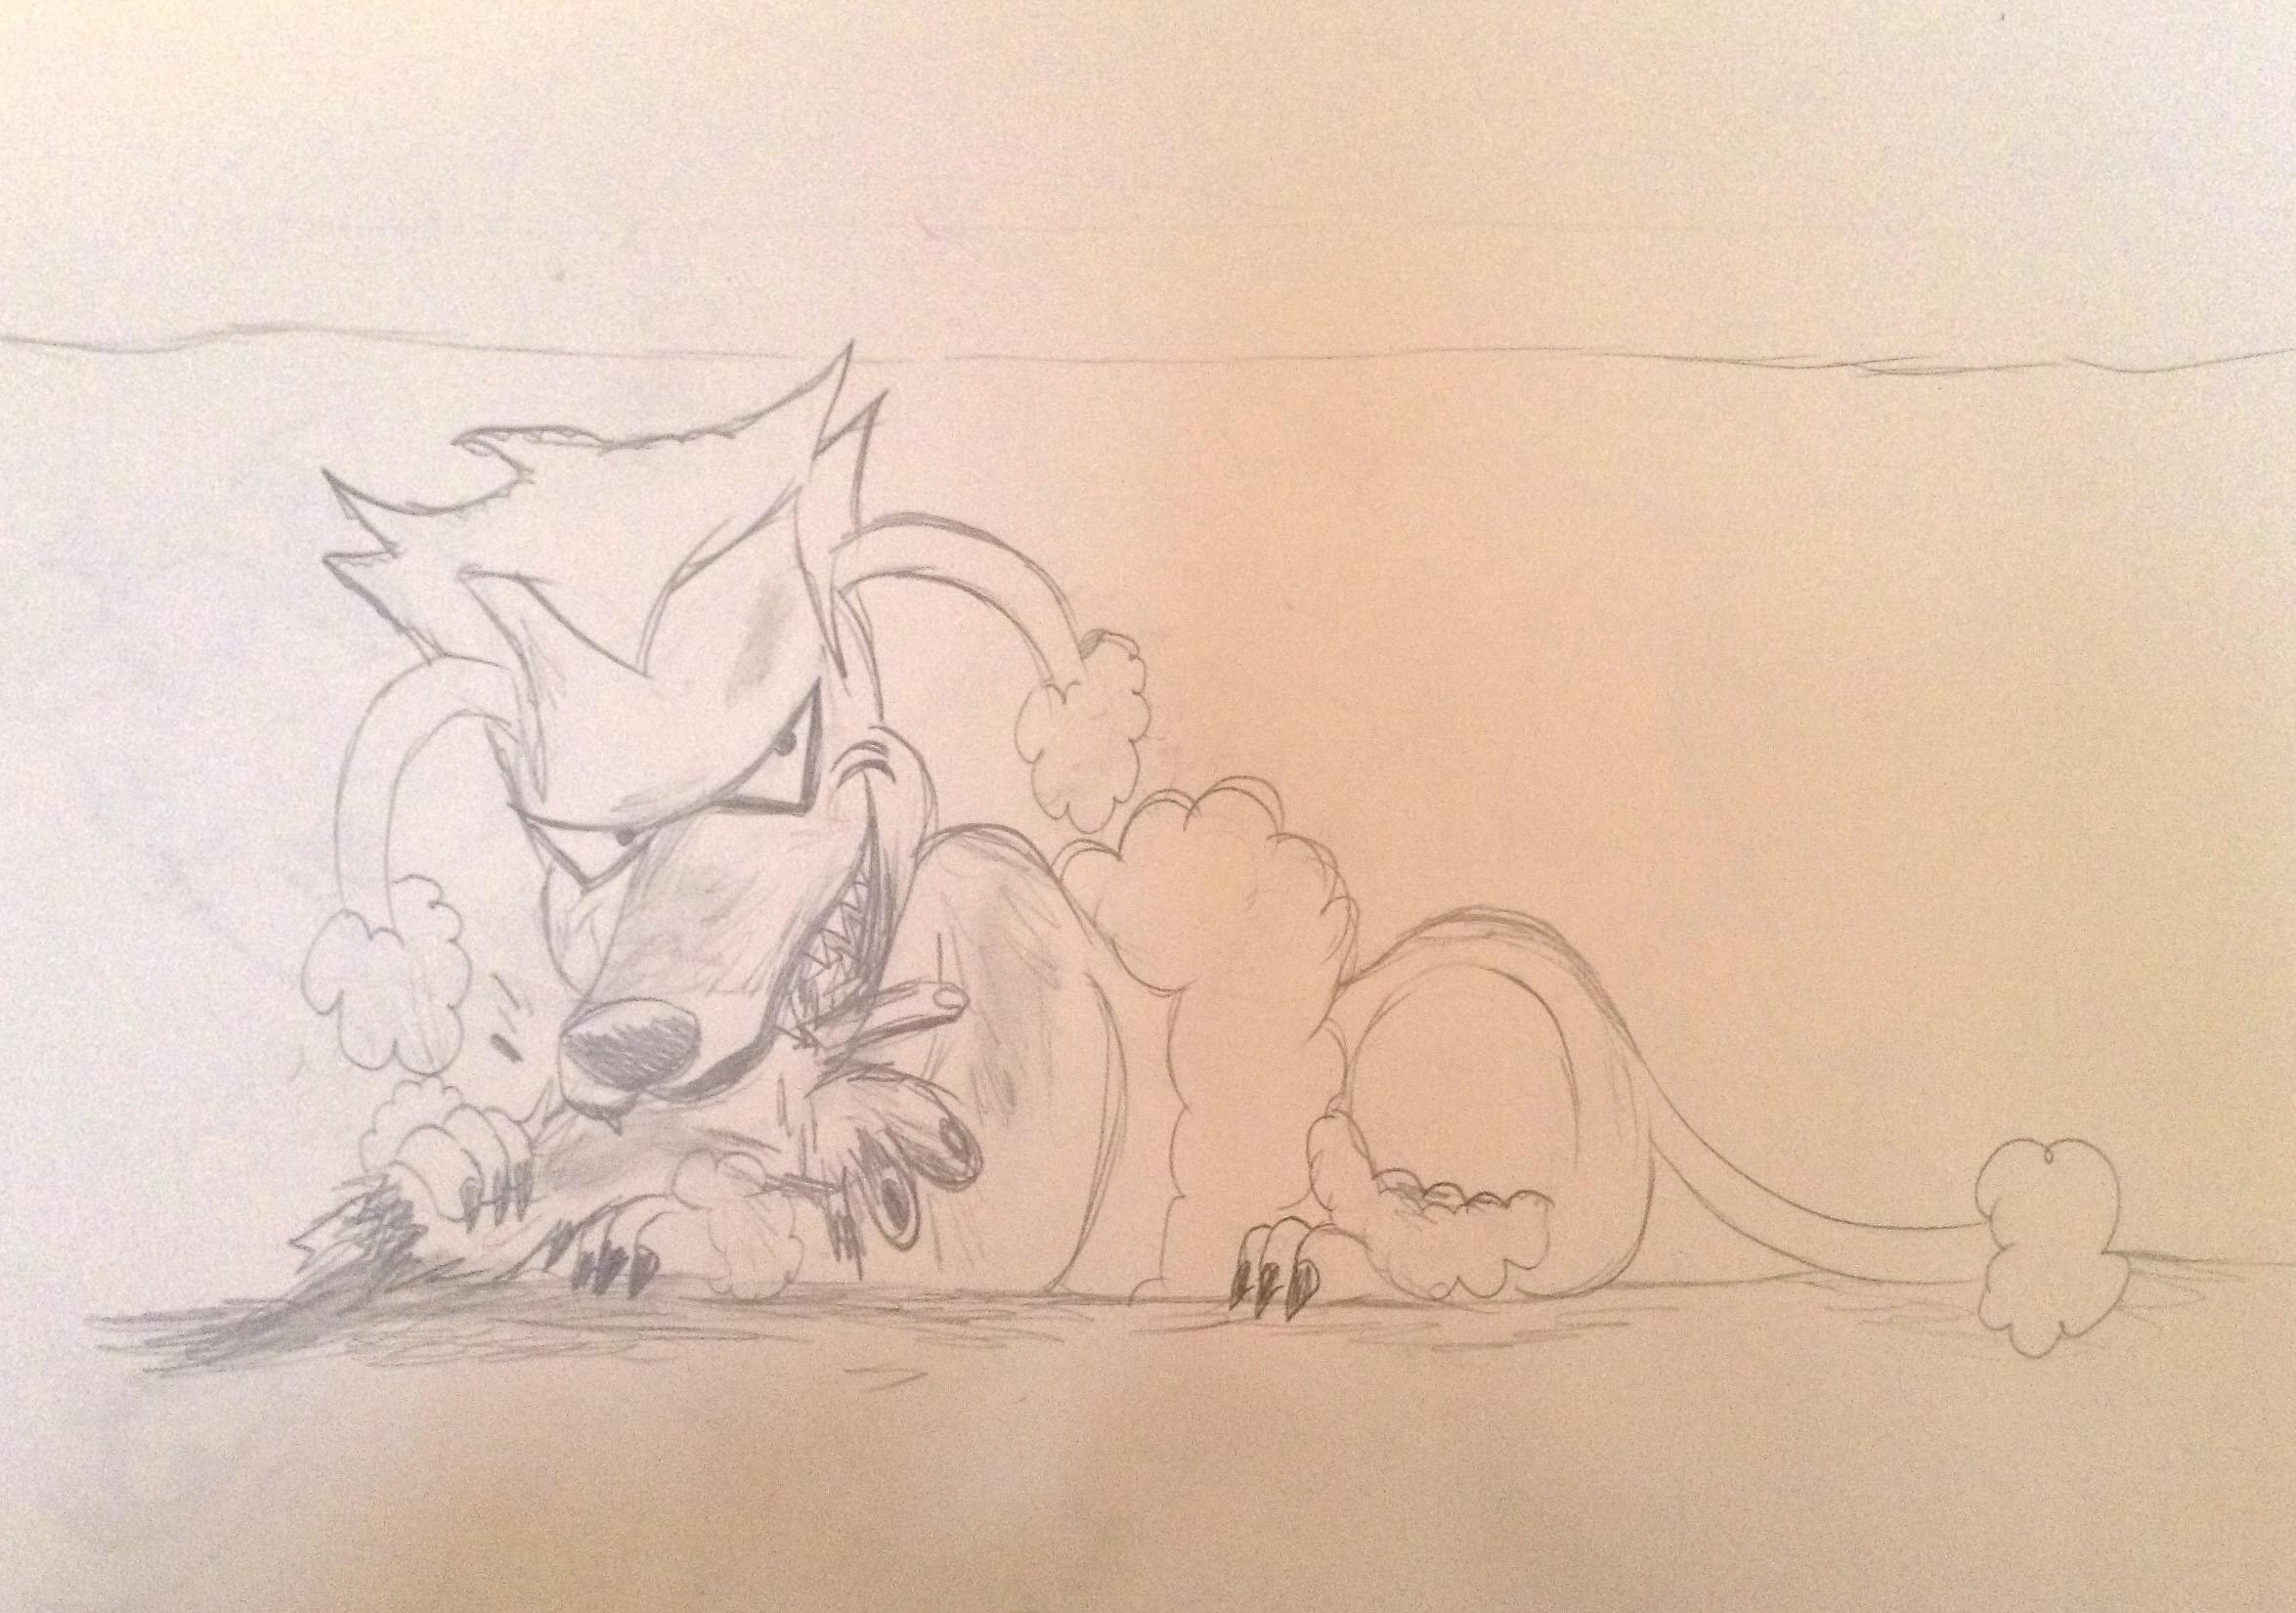 Joker poodle having a snack by BtasJokerFan